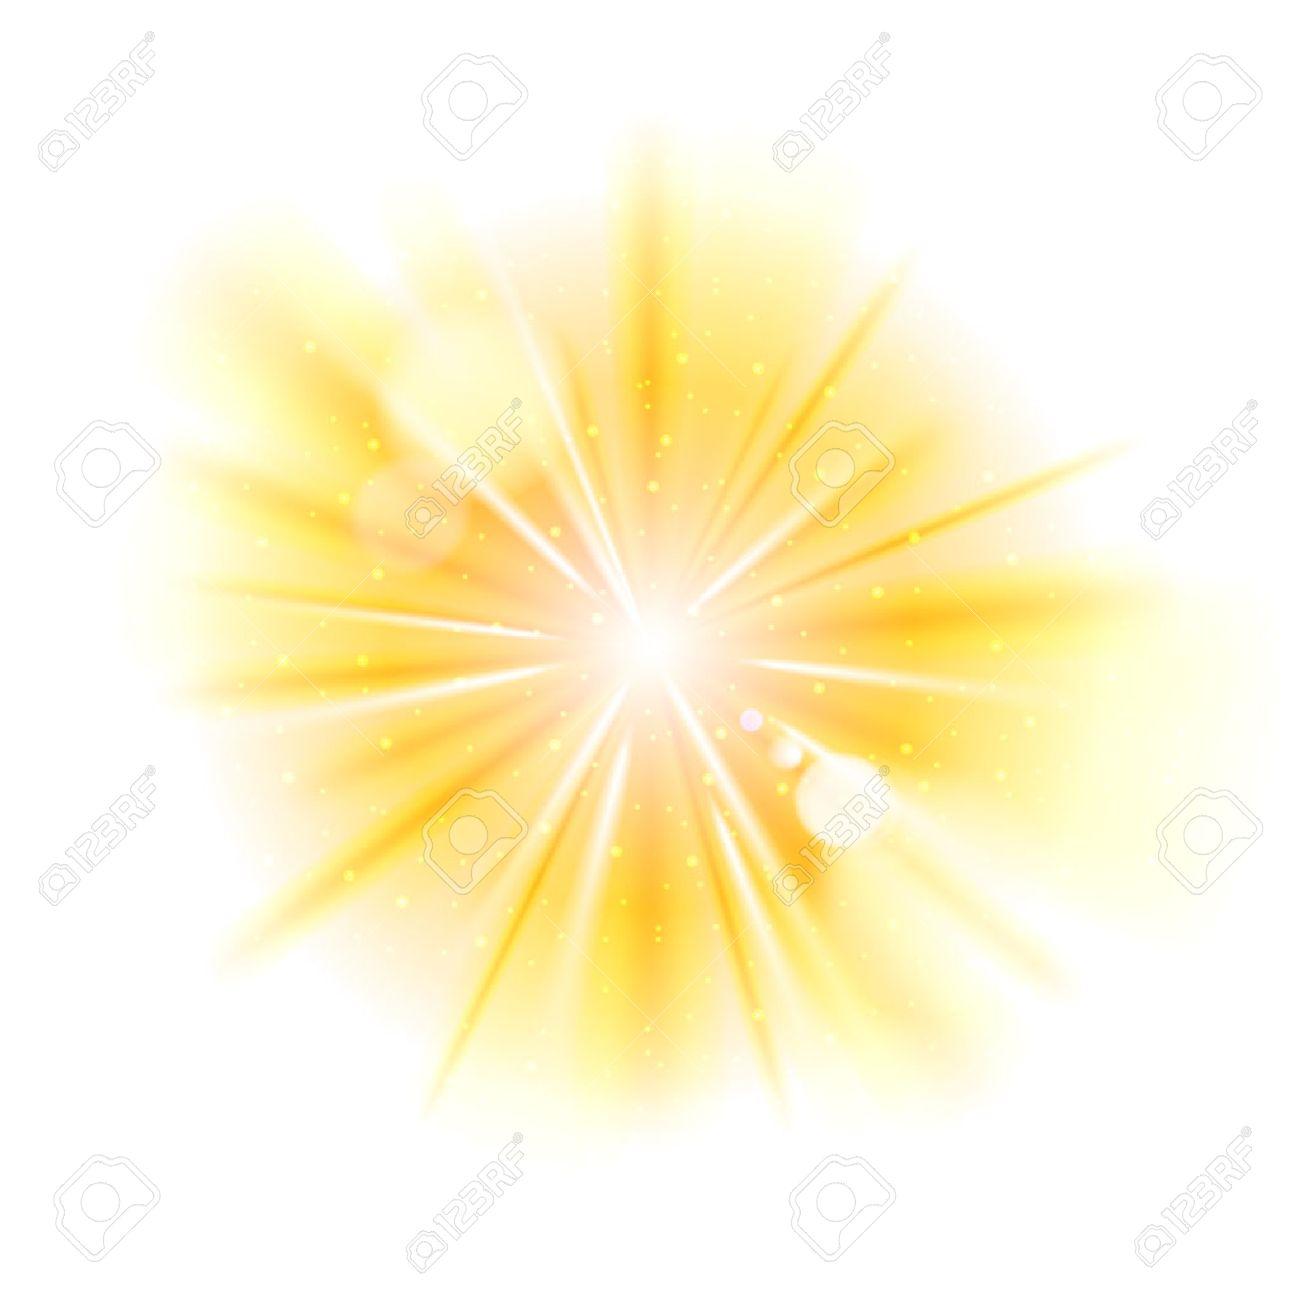 黄色光サンバースト背景ベクトル星キラキラ イラスト バーストの